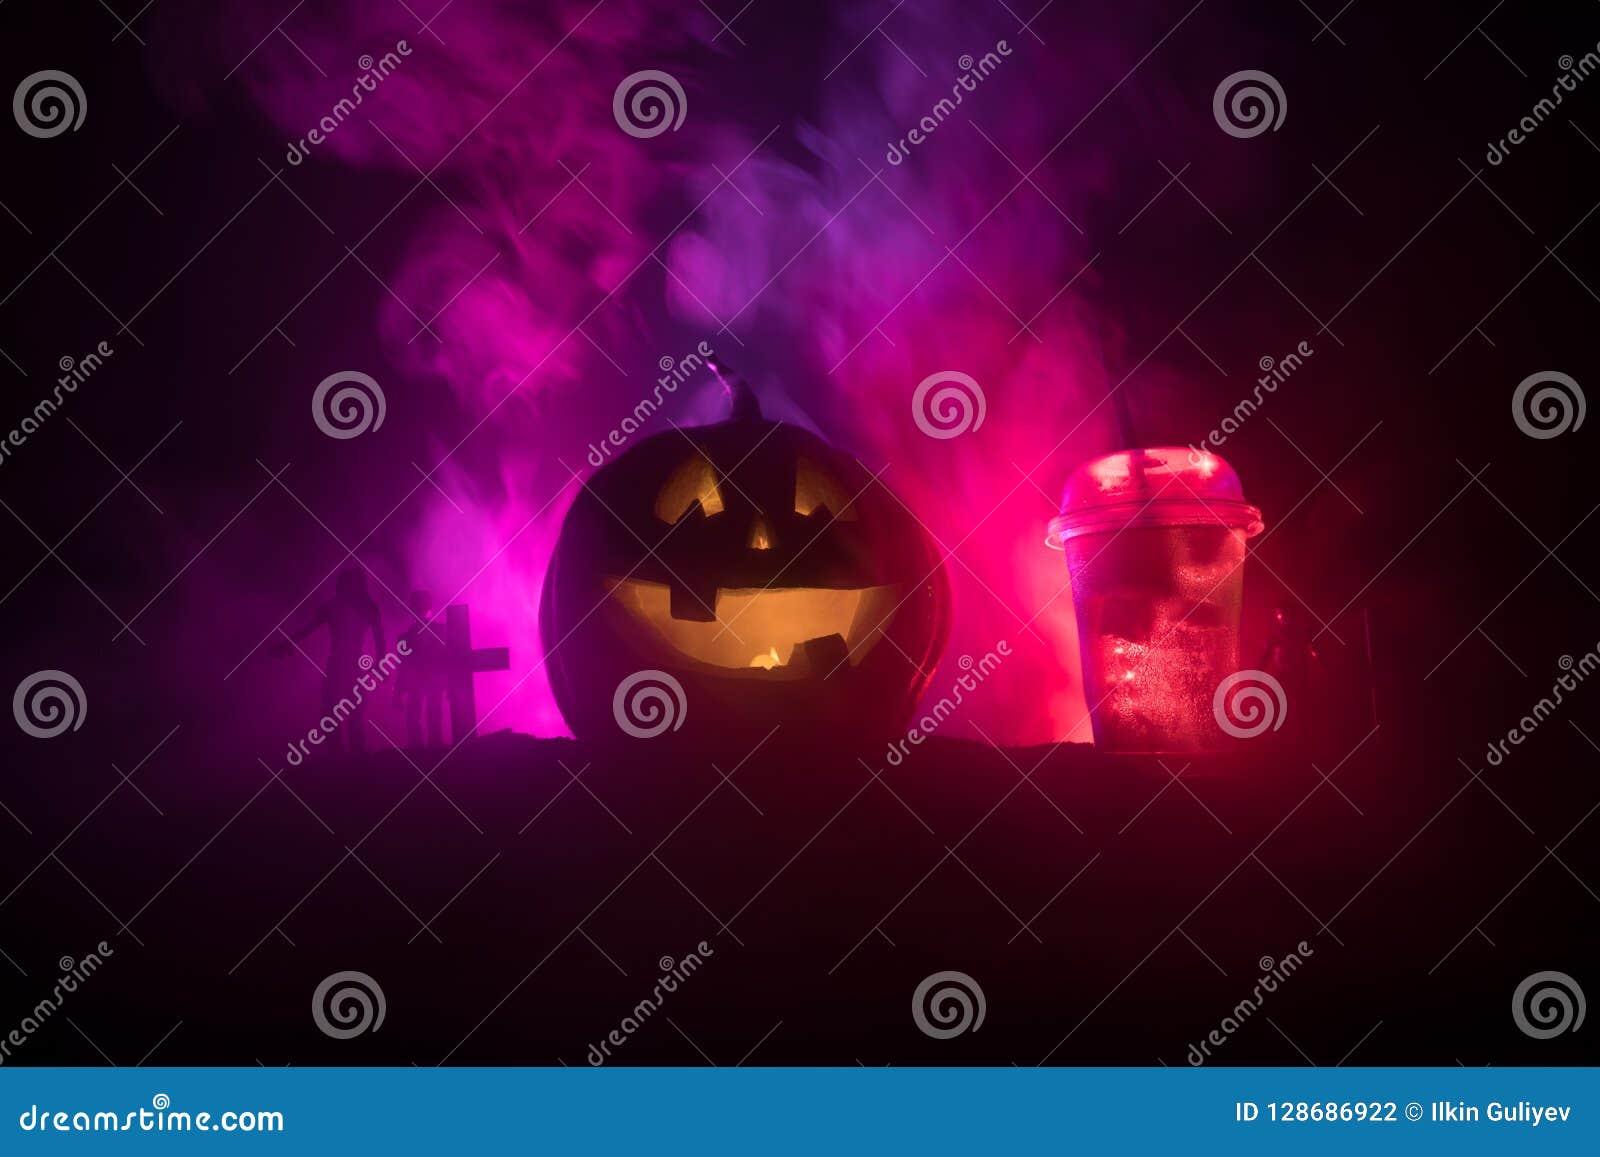 Halloween-pompoen oranje cocktails Feestelijke Drank De partij van Halloween Grappige Pompoen met een cocktail Selectieve nadruk